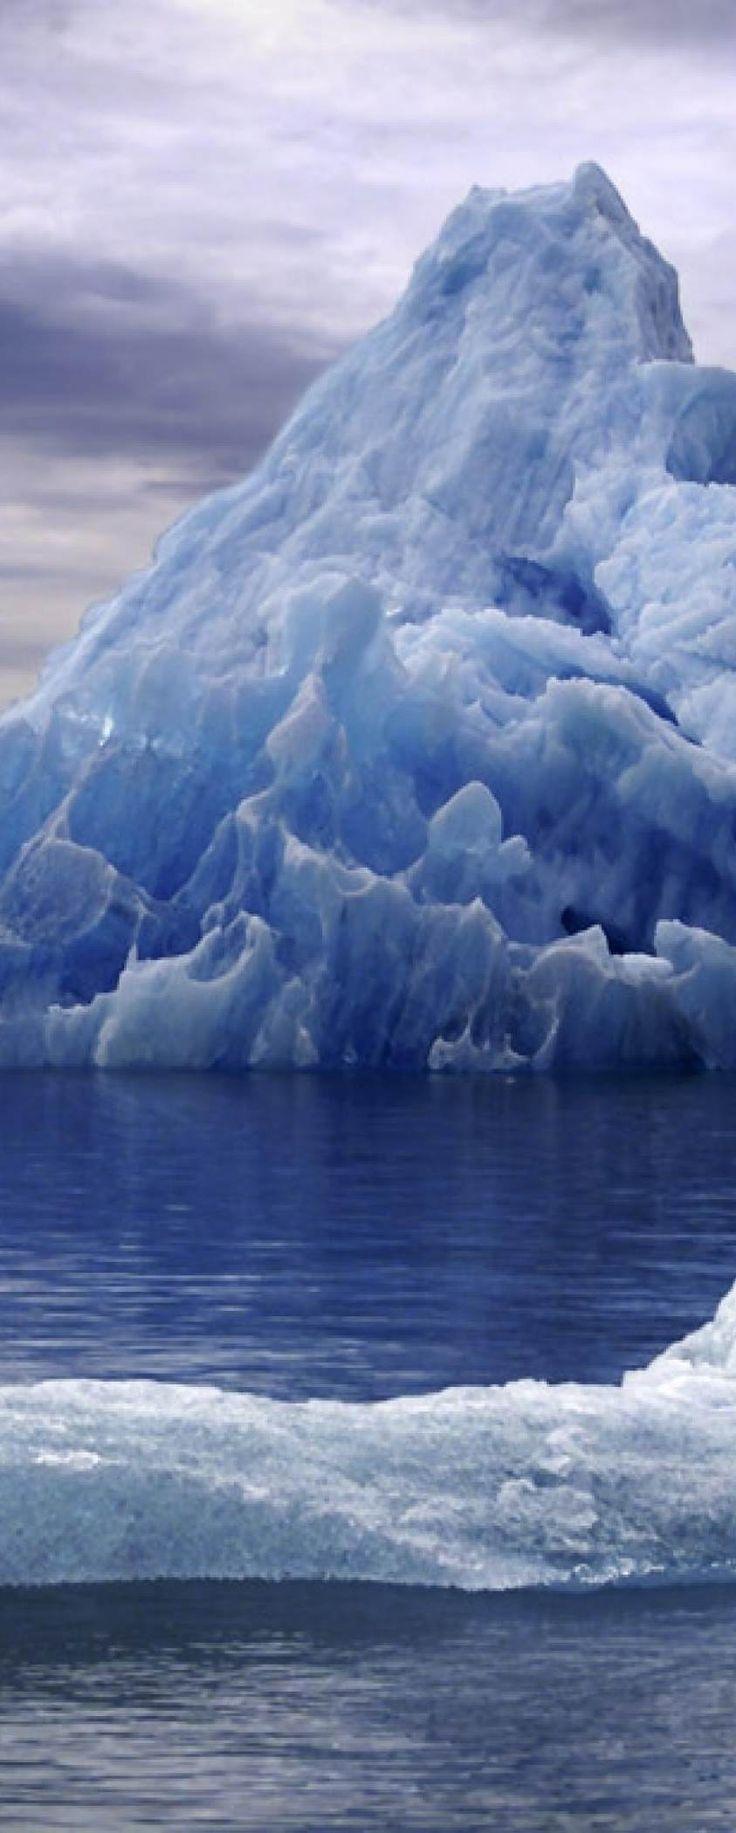 Calentamiento global: cambios en el Ártico provocarían efectos catastróficos en el planeta